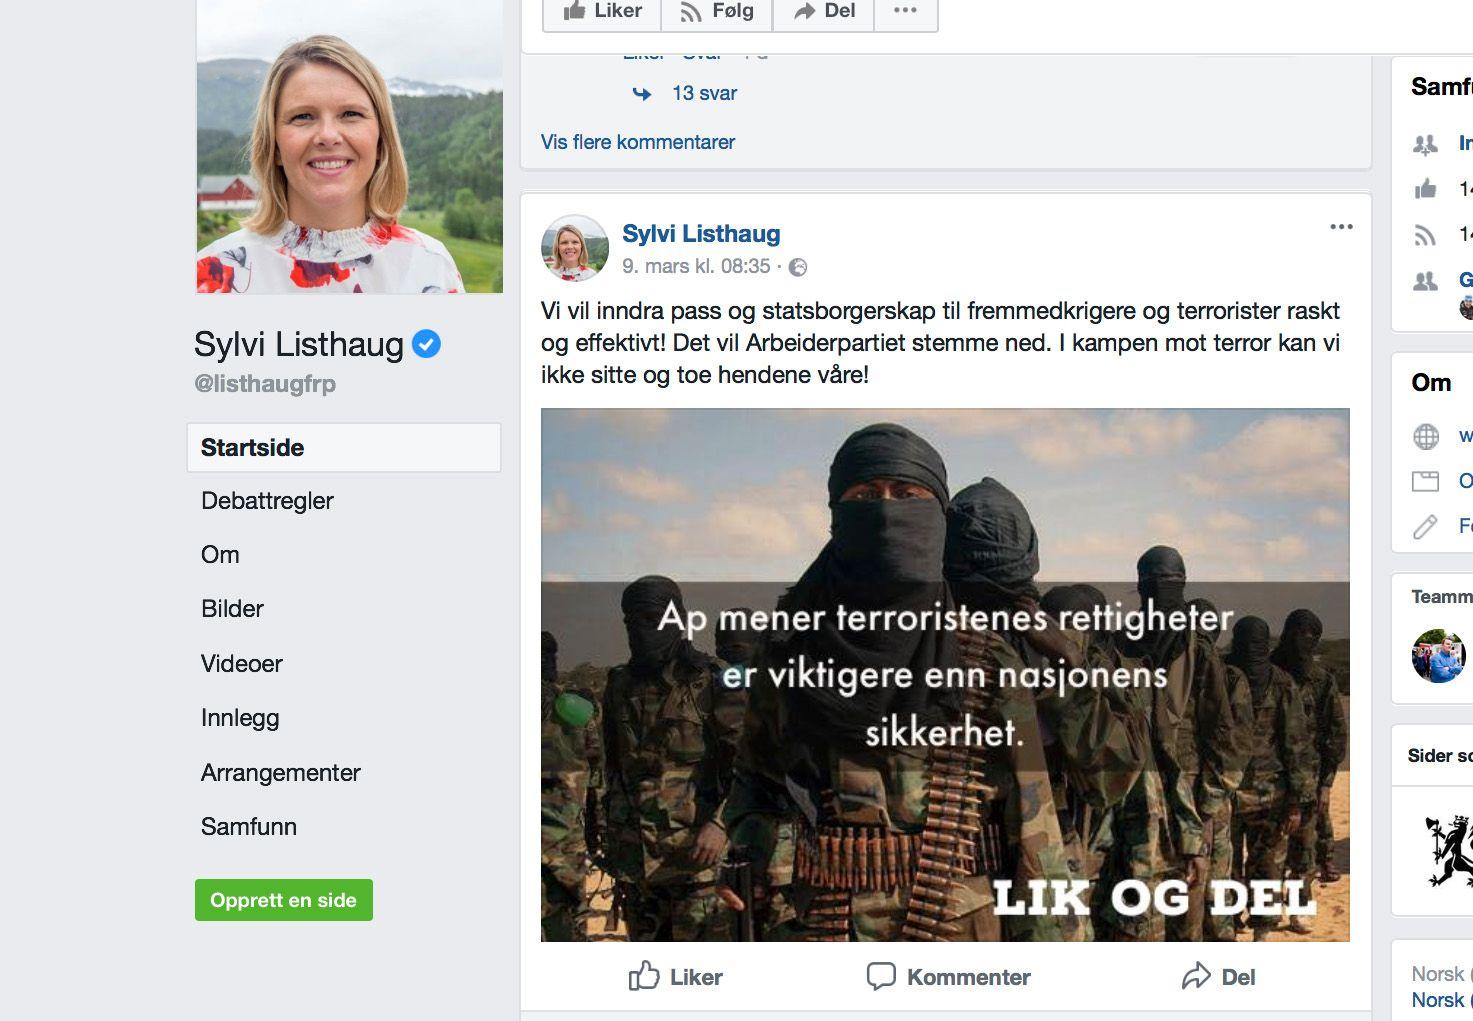 SLETTET: Onsdag slettet Listhaug den omdiskuterte posten fra Facebook.